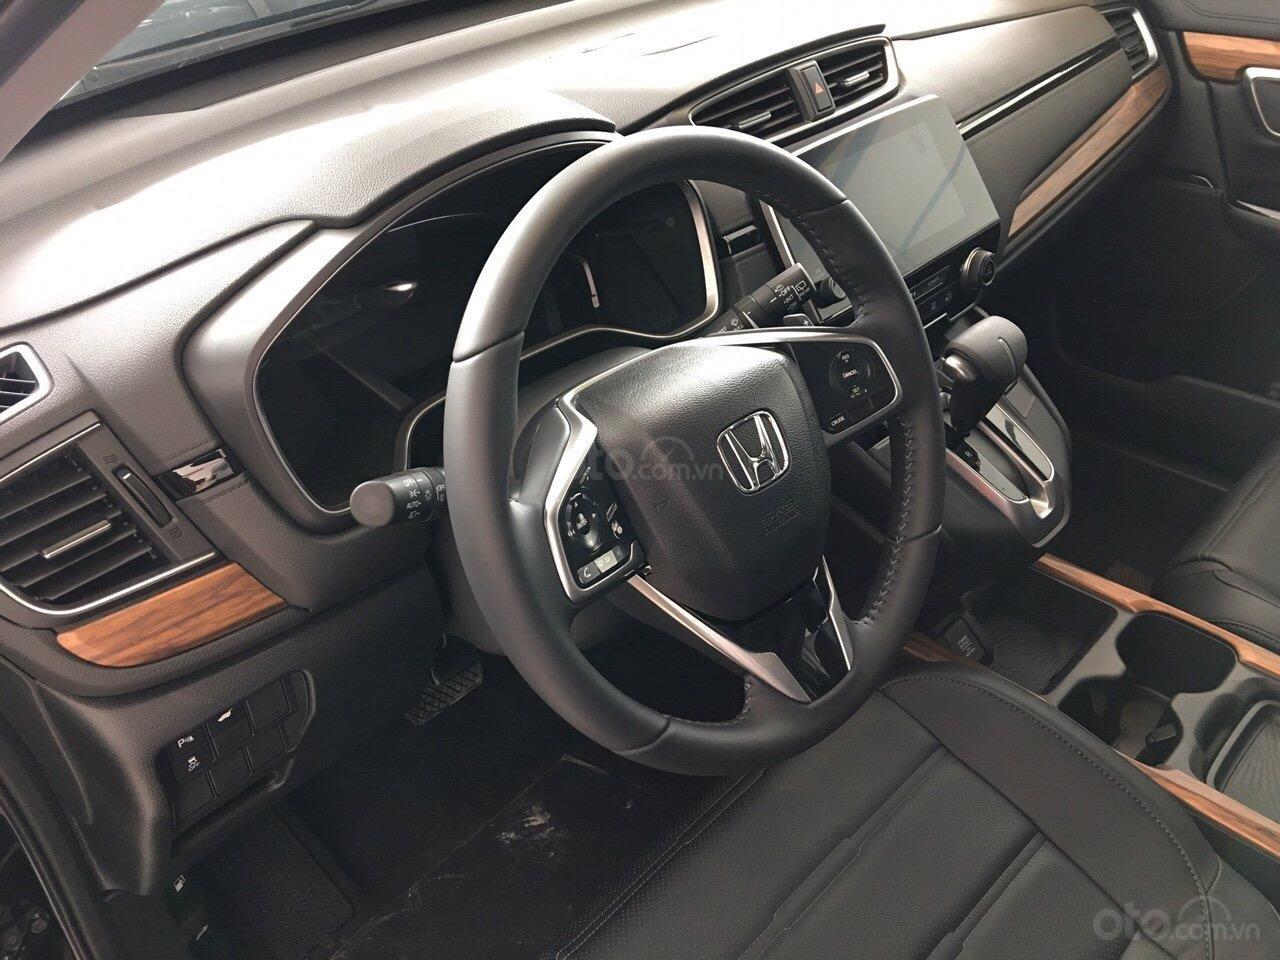 Honda CRV L đen - mới 100%, xe giao tháng 5, LH 0909.615.944 để nhận báo giá tốt nhất-8